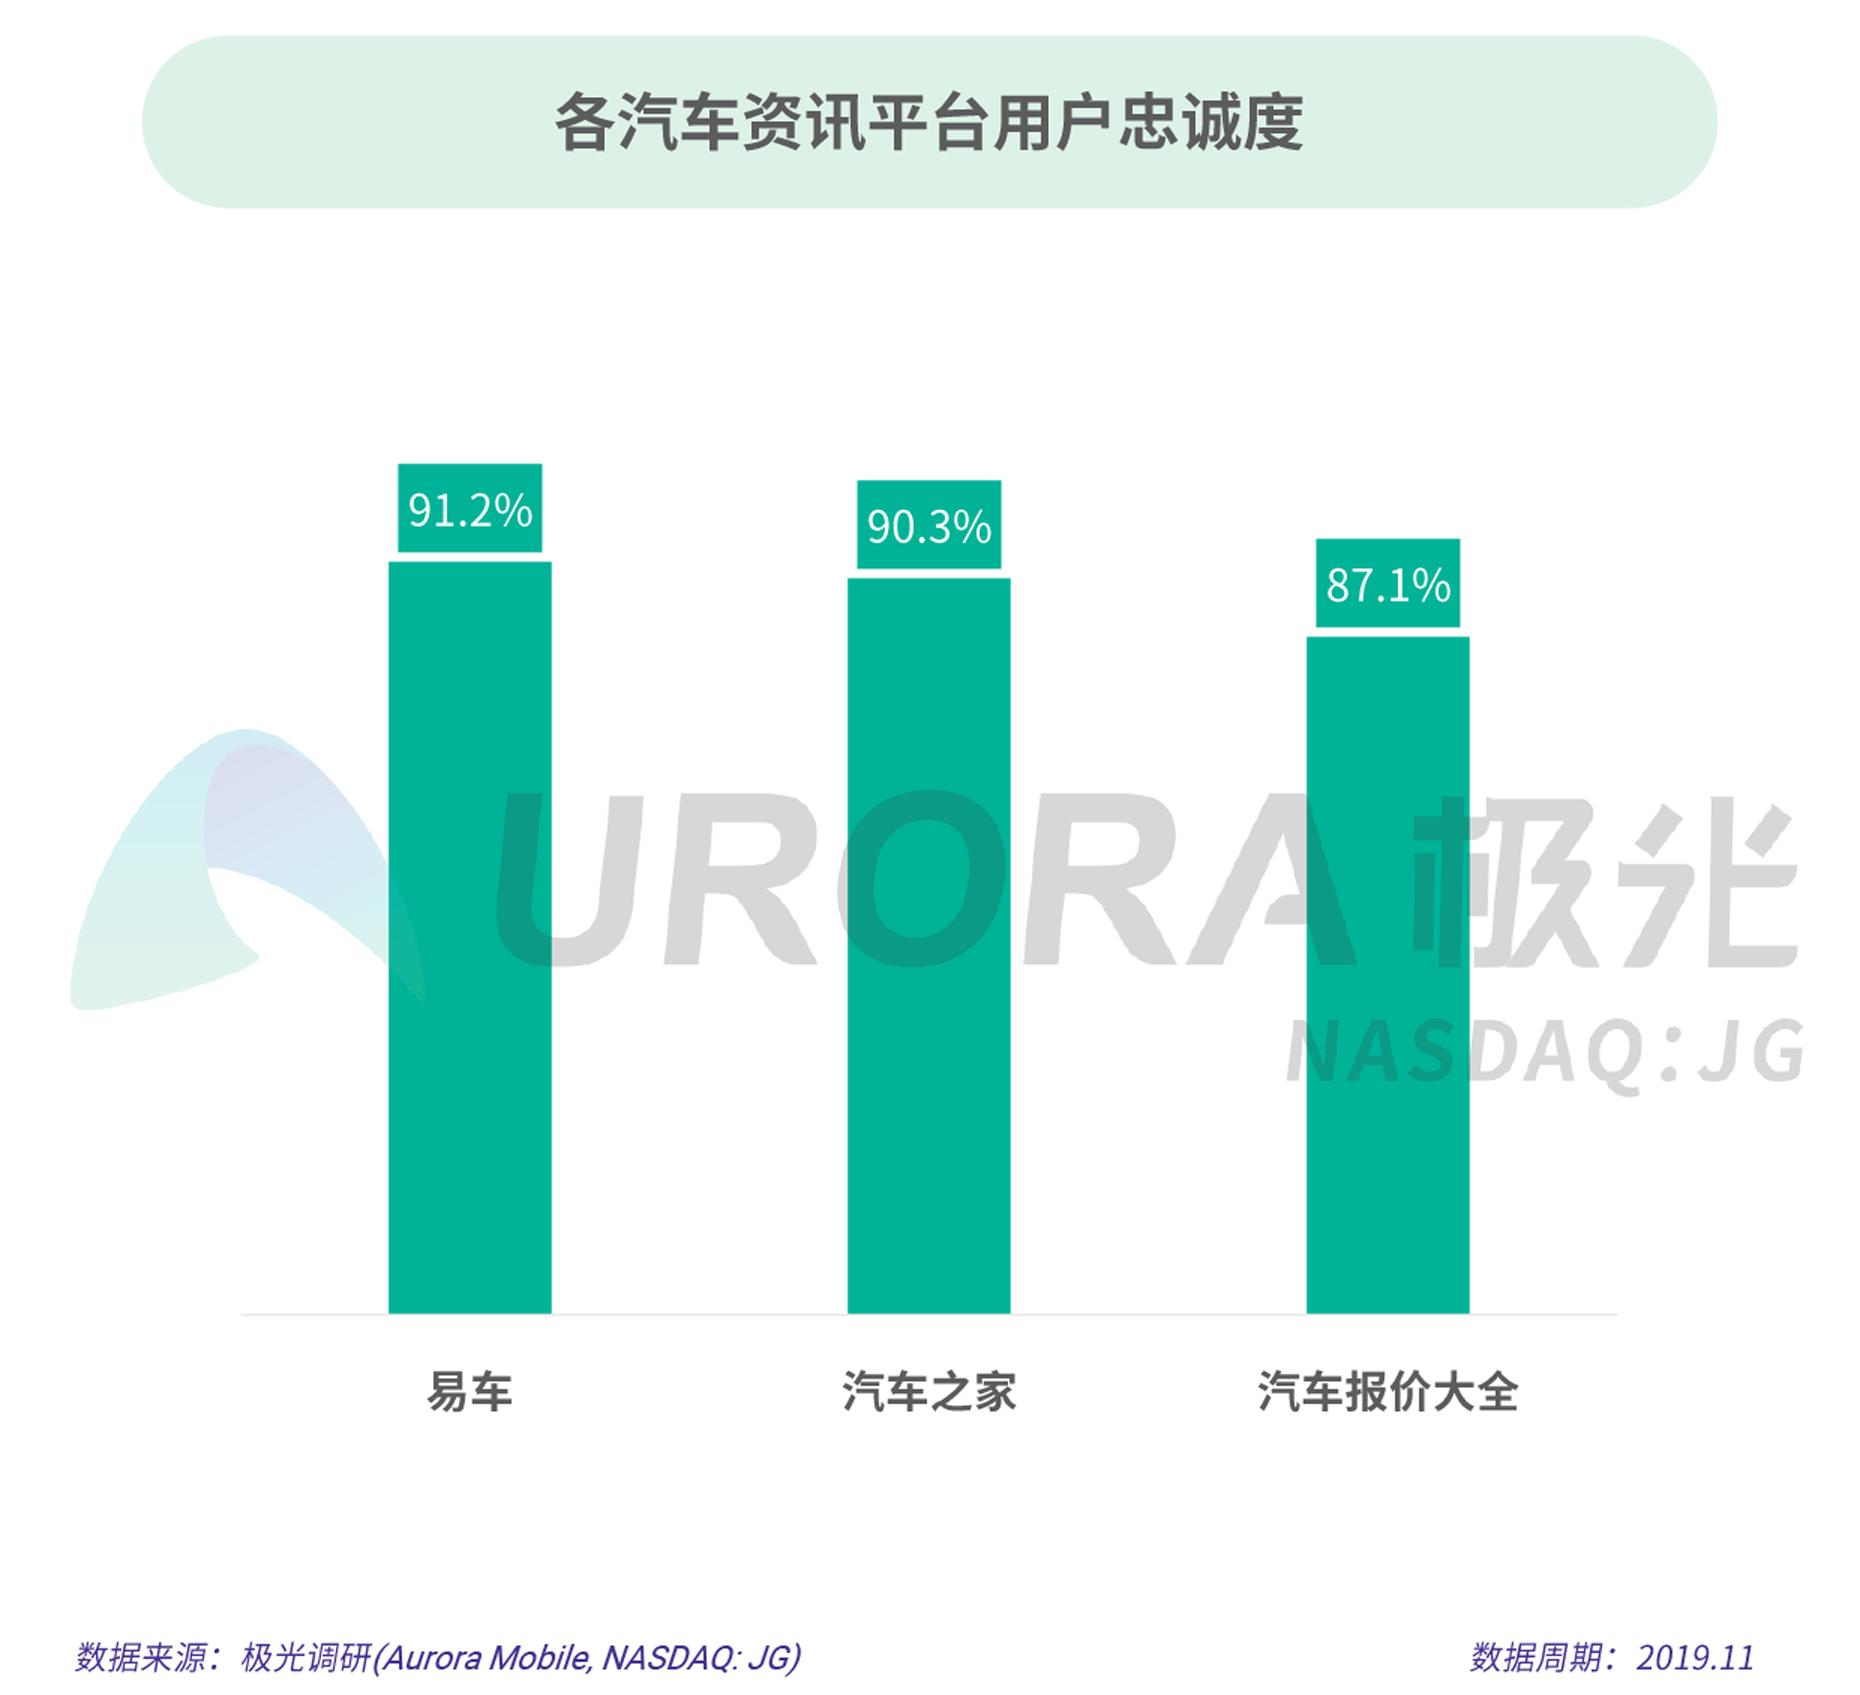 极光: 2019年汽车资讯行业研究报告